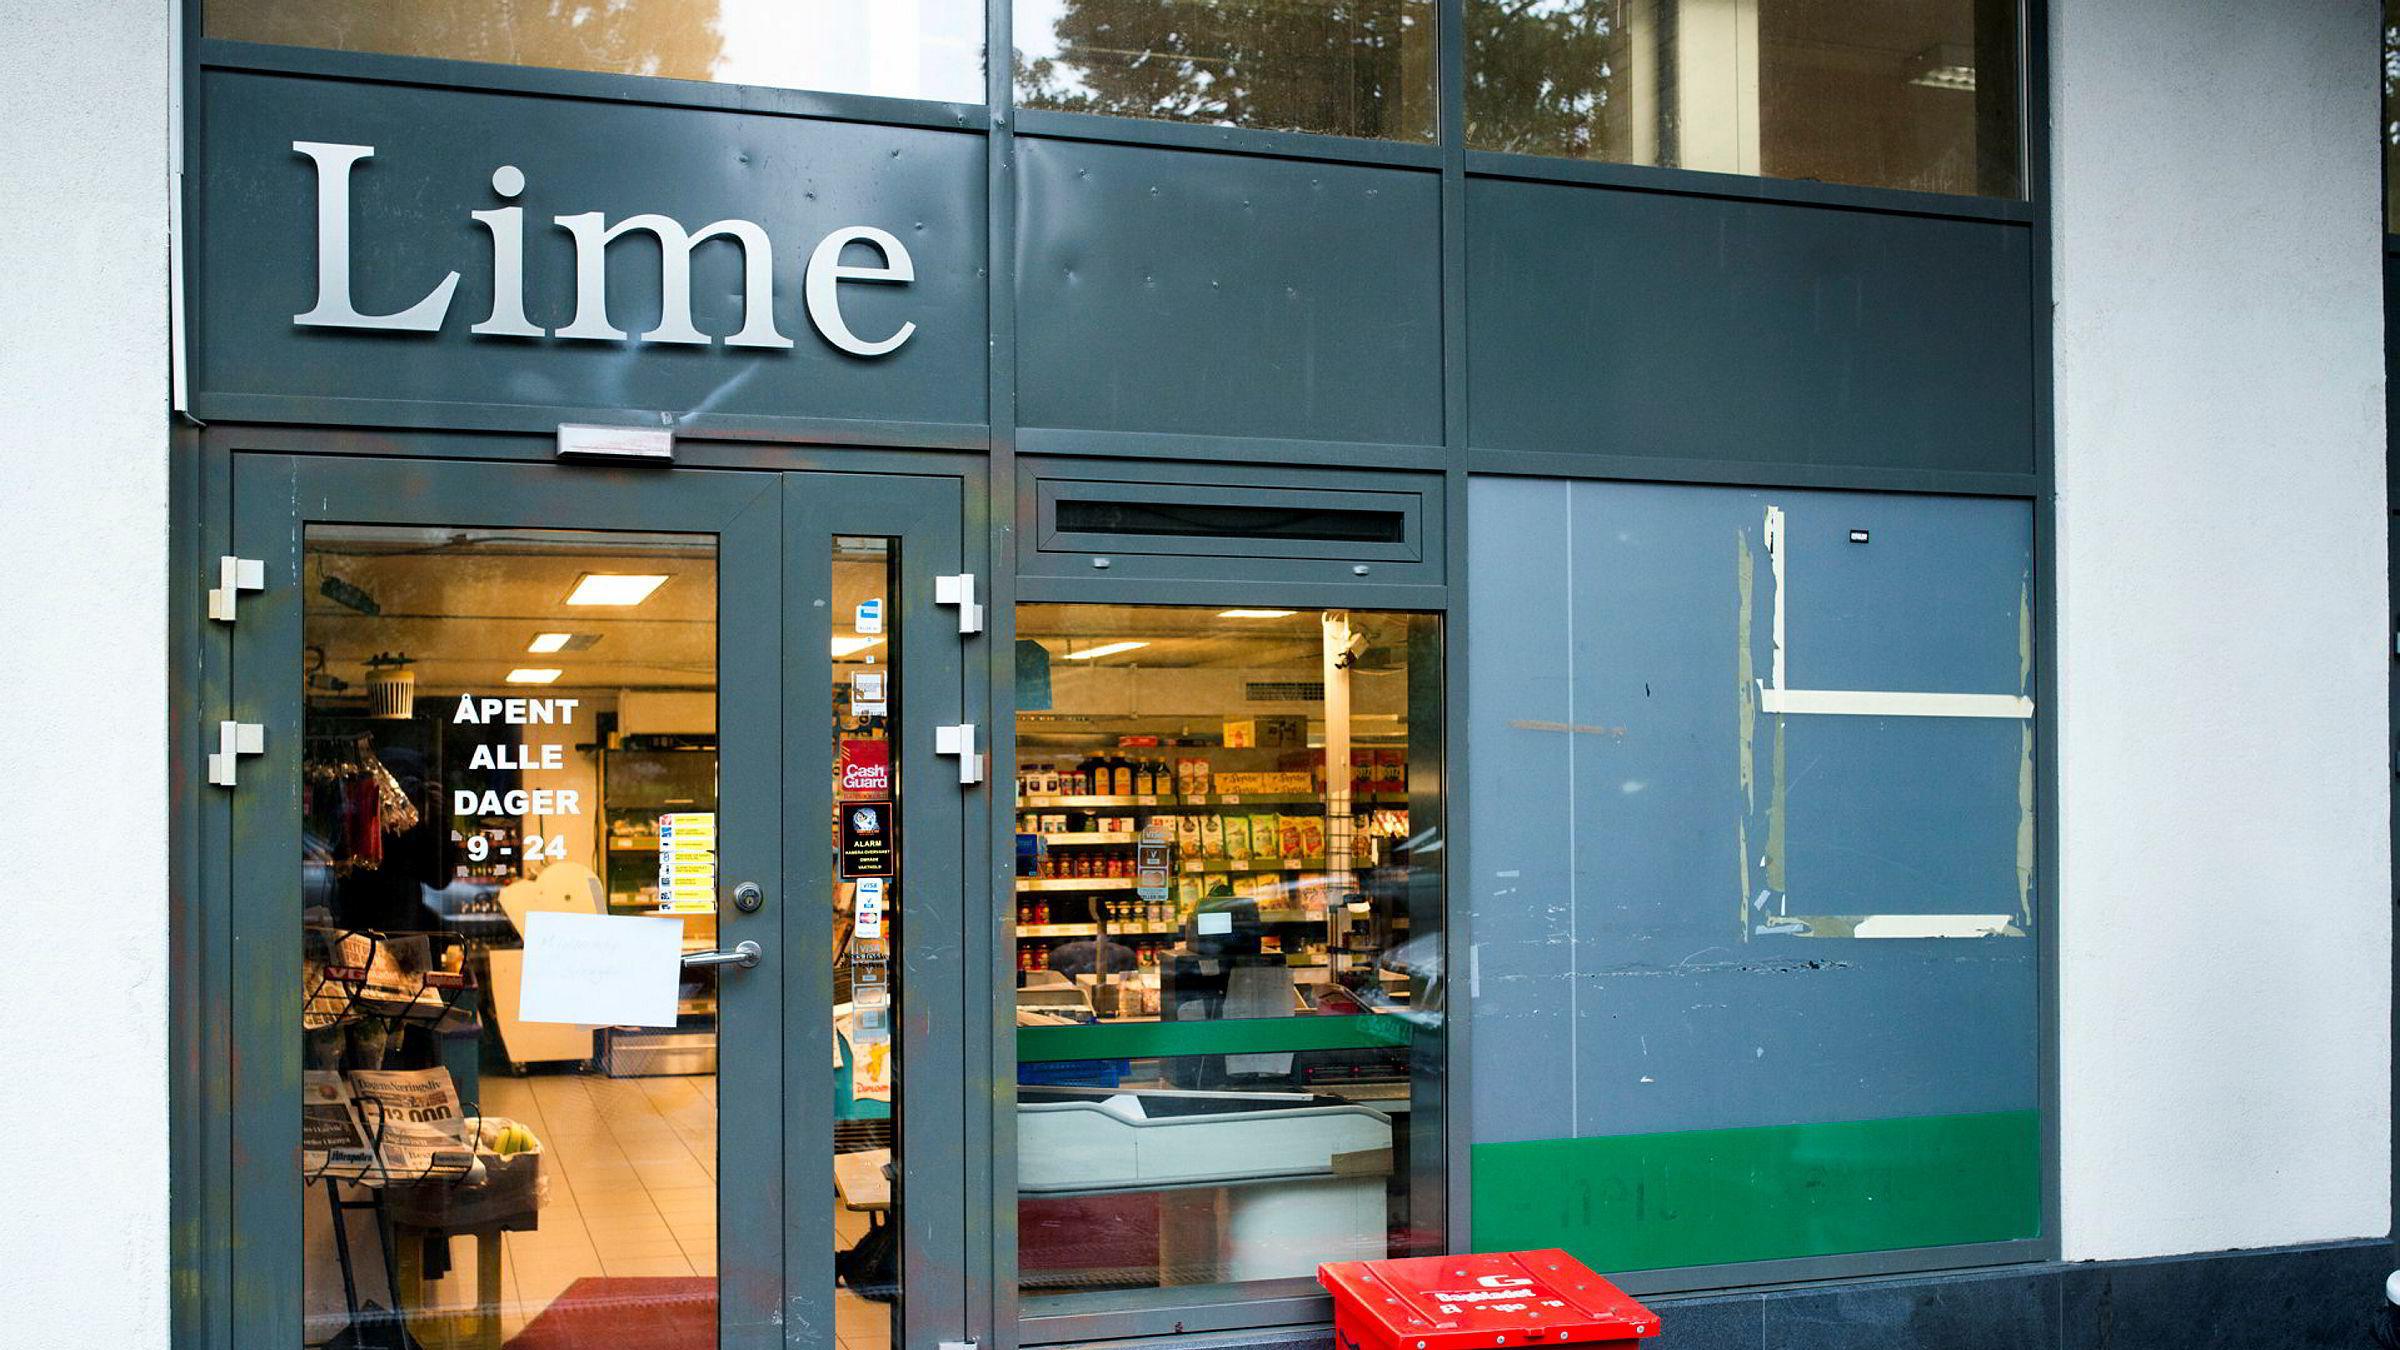 Høsten 2014 aksjonerte sivilt politi mot Lime-butikken i Jens Bjelkesgate 71, som en del av en større aksjon mot kjeden og dens eiere.